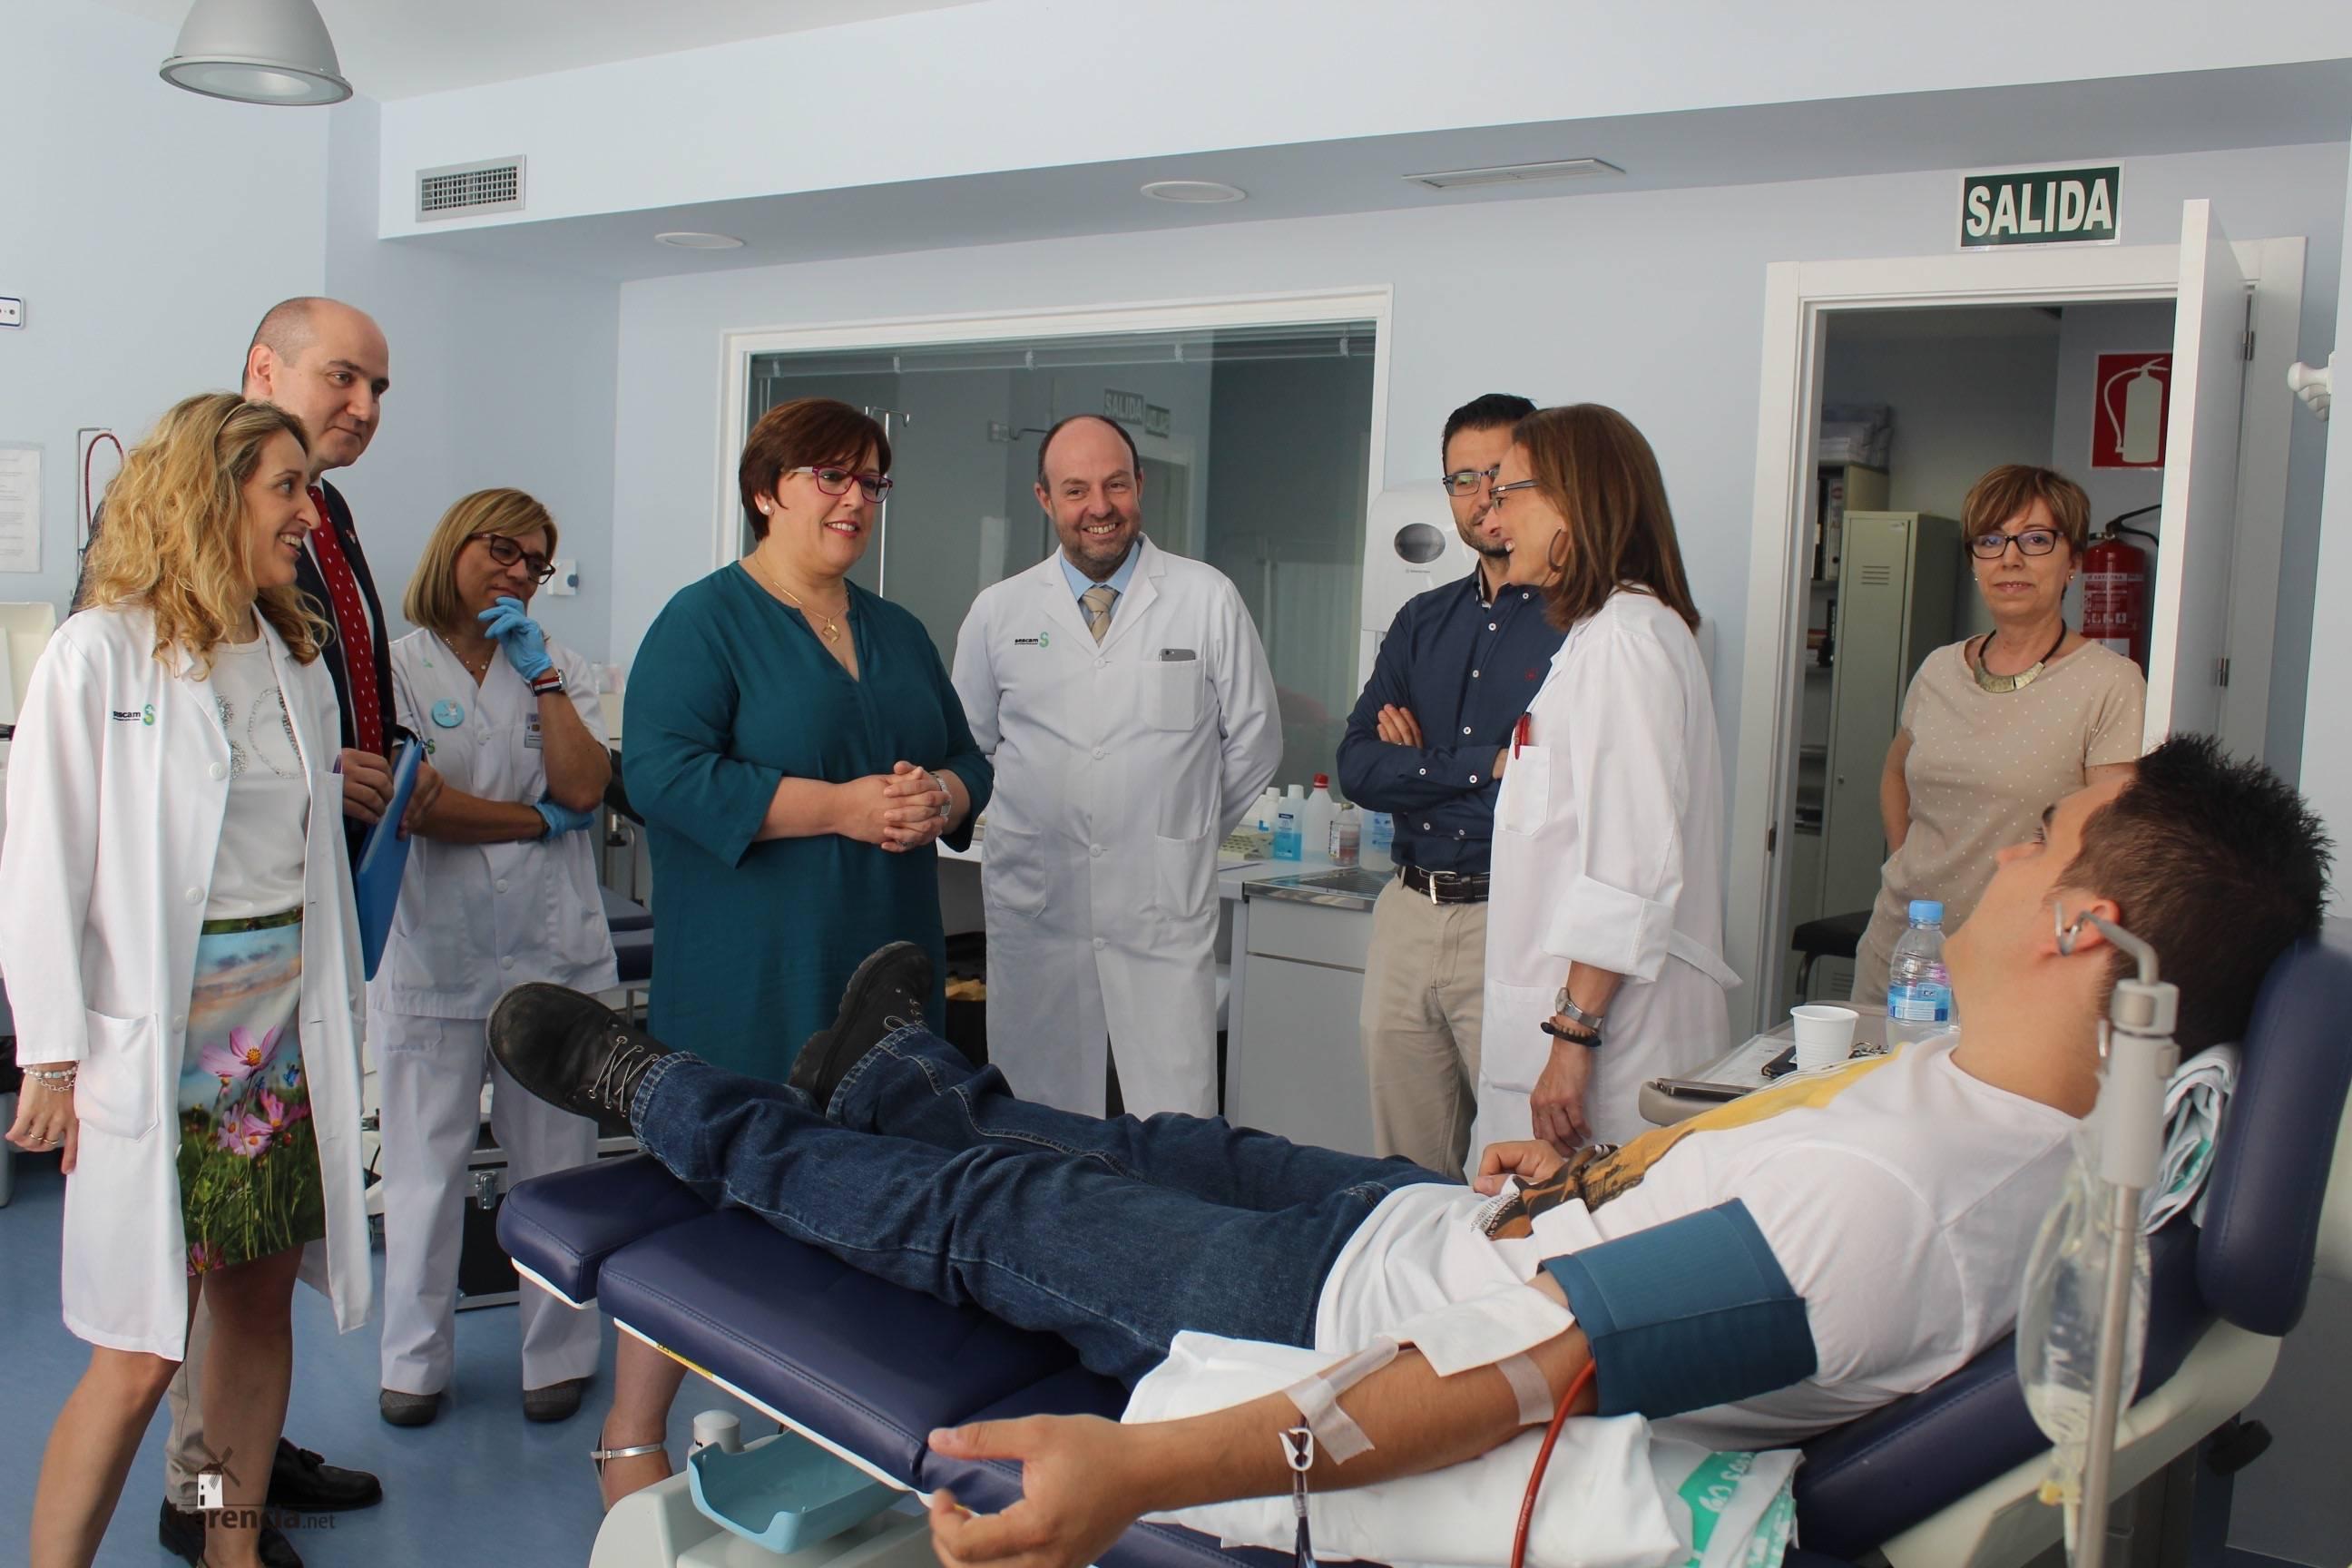 Carmen Olmedo Dia Mundial Donante Sangre 1 - Día Mundial de los Donantes de Sangre en Ciudad Real